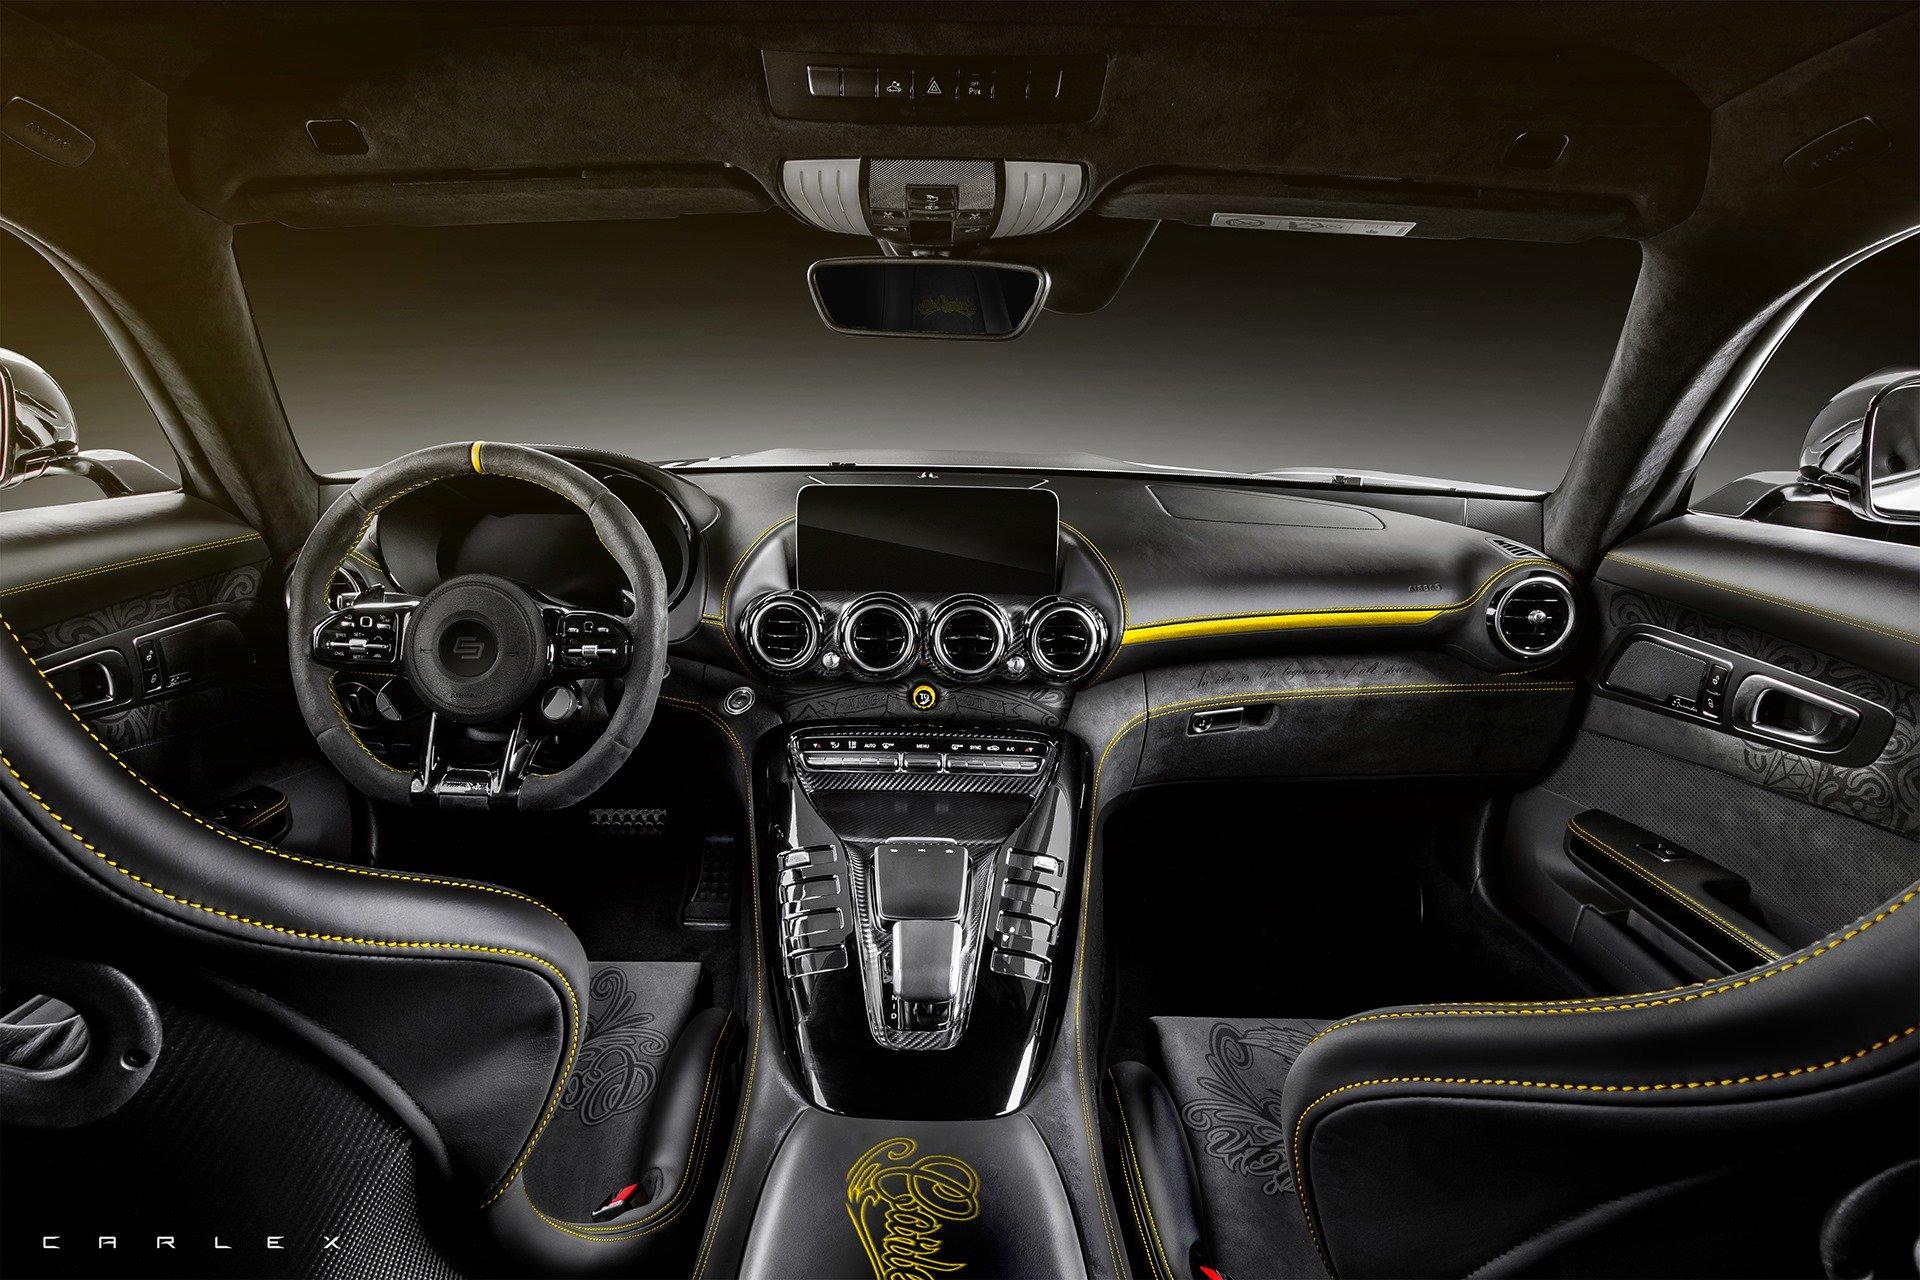 Mercedes-AMG GT R Pro by Carlex Design